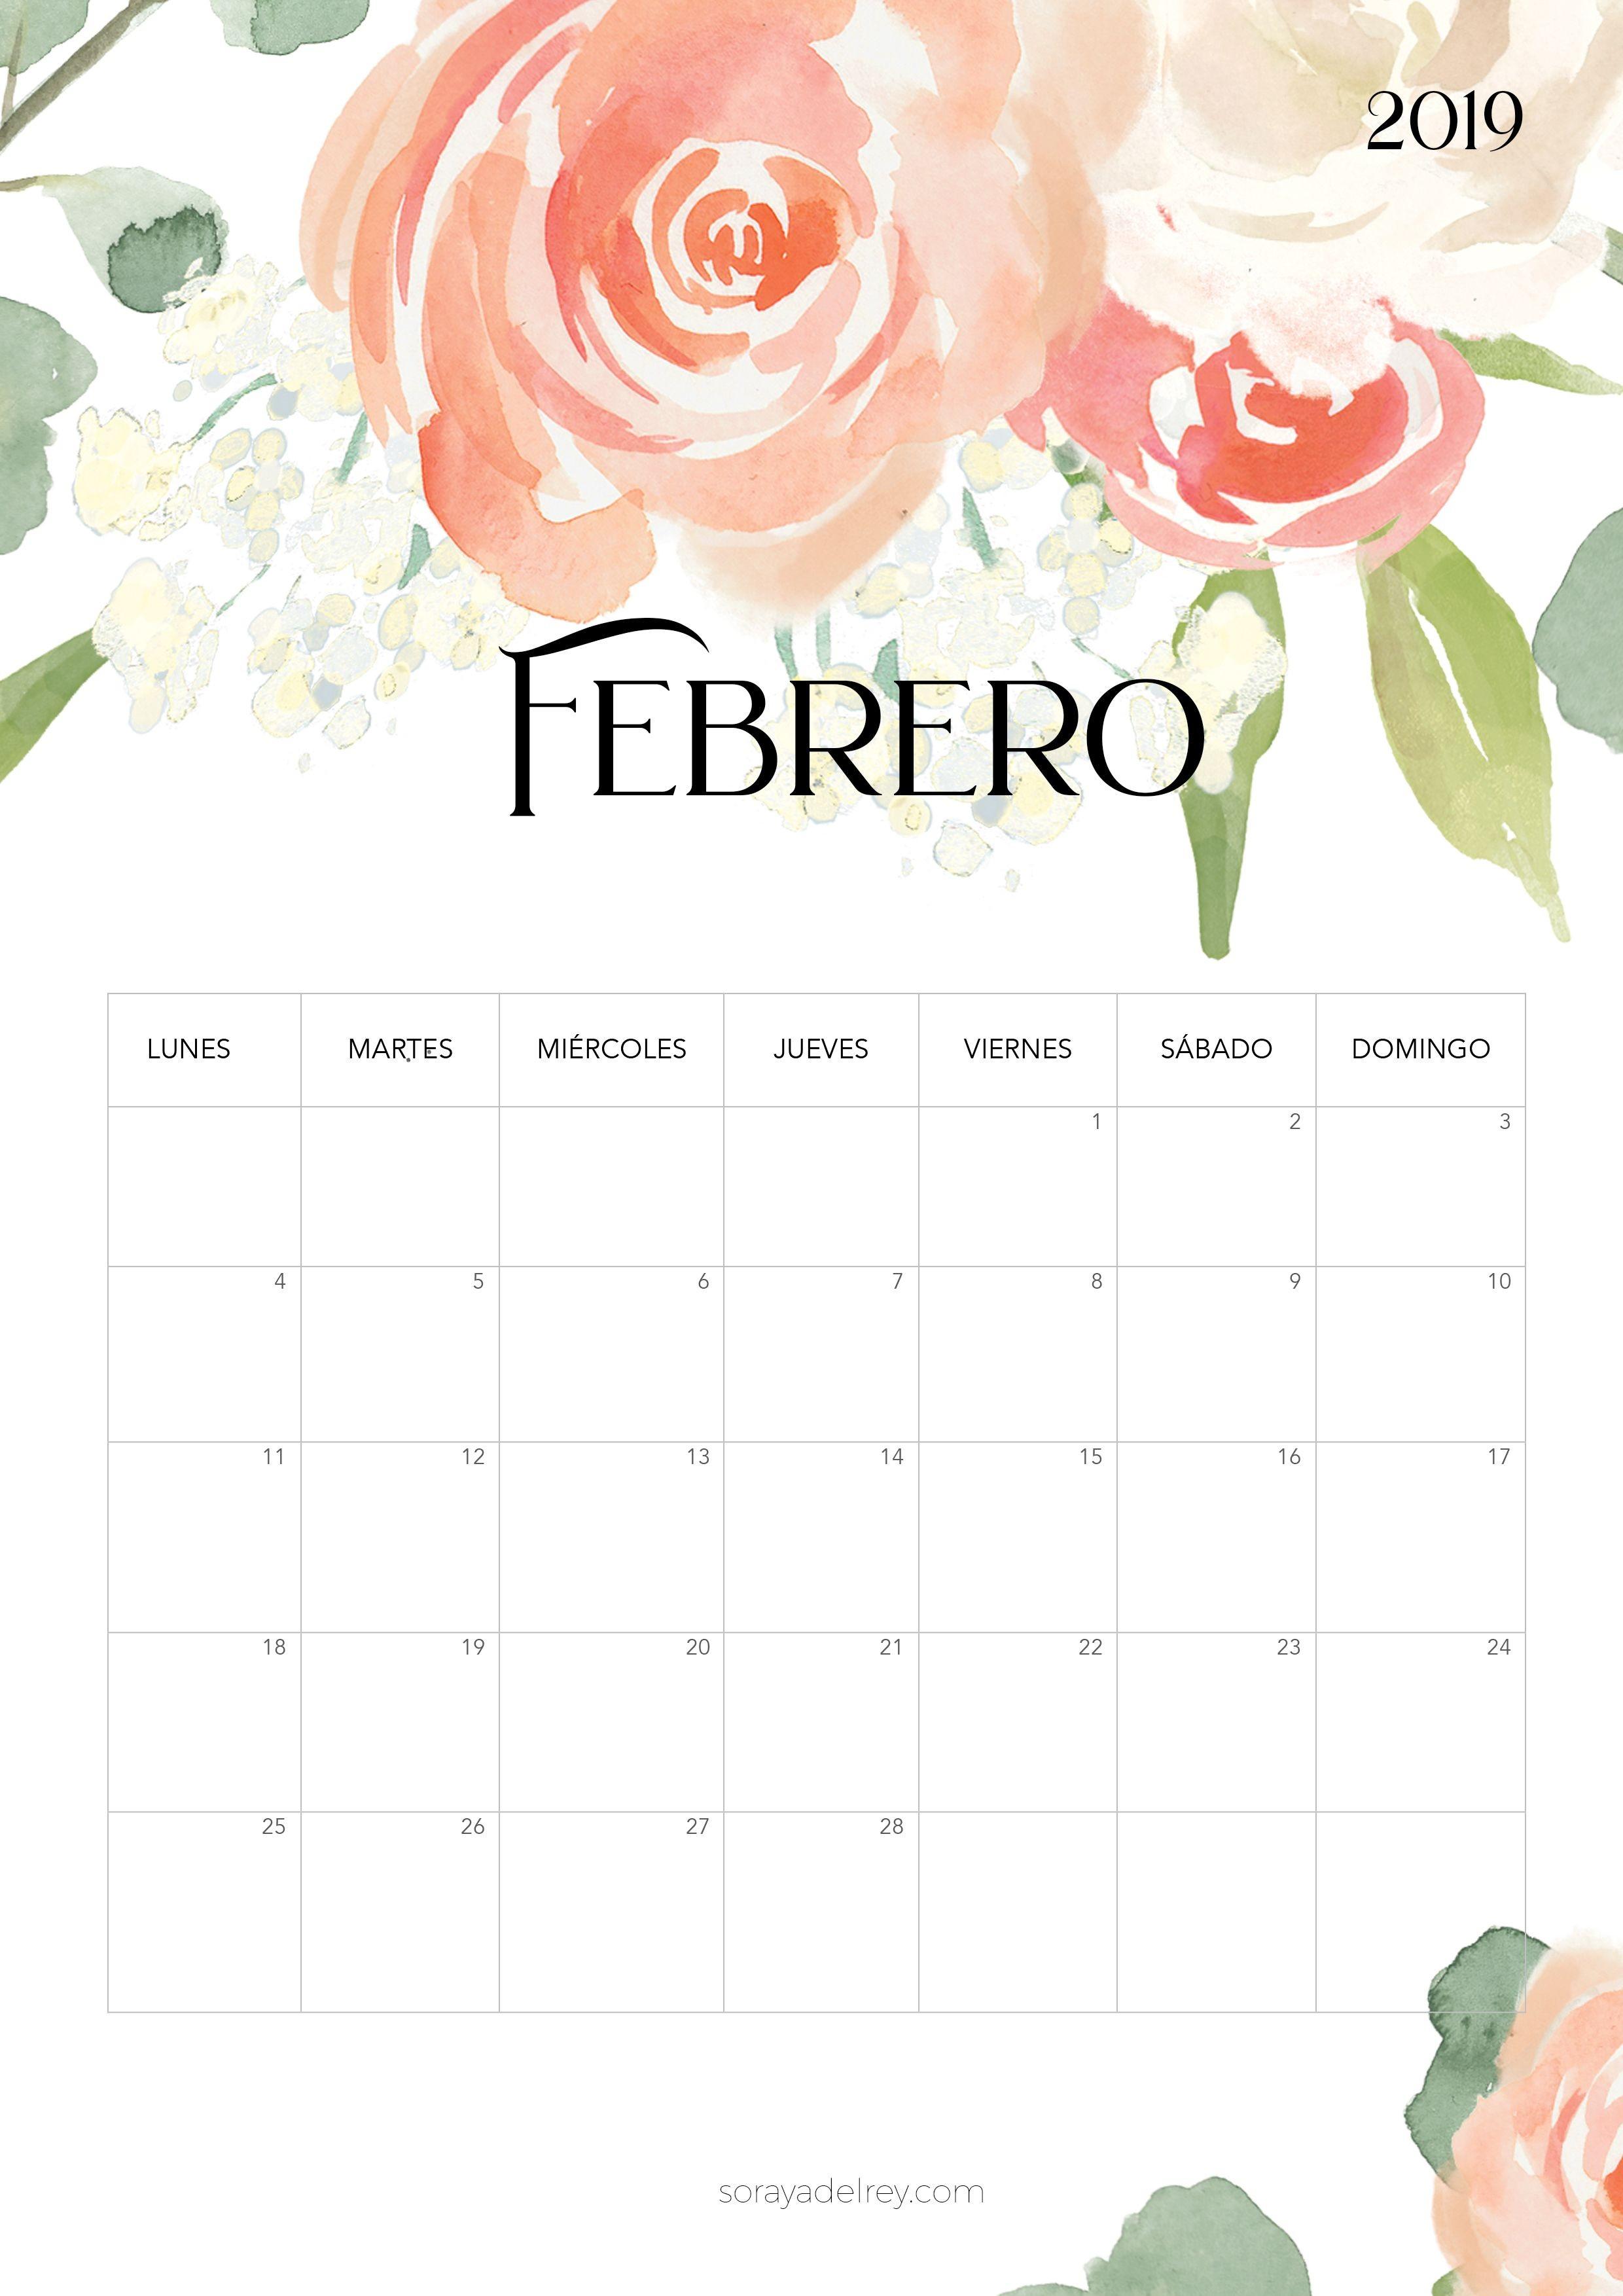 Calendario Imprimir Agosto Y Septiembre 2019 Actual Calendario Para Imprimir 2018 2019 Imprimir